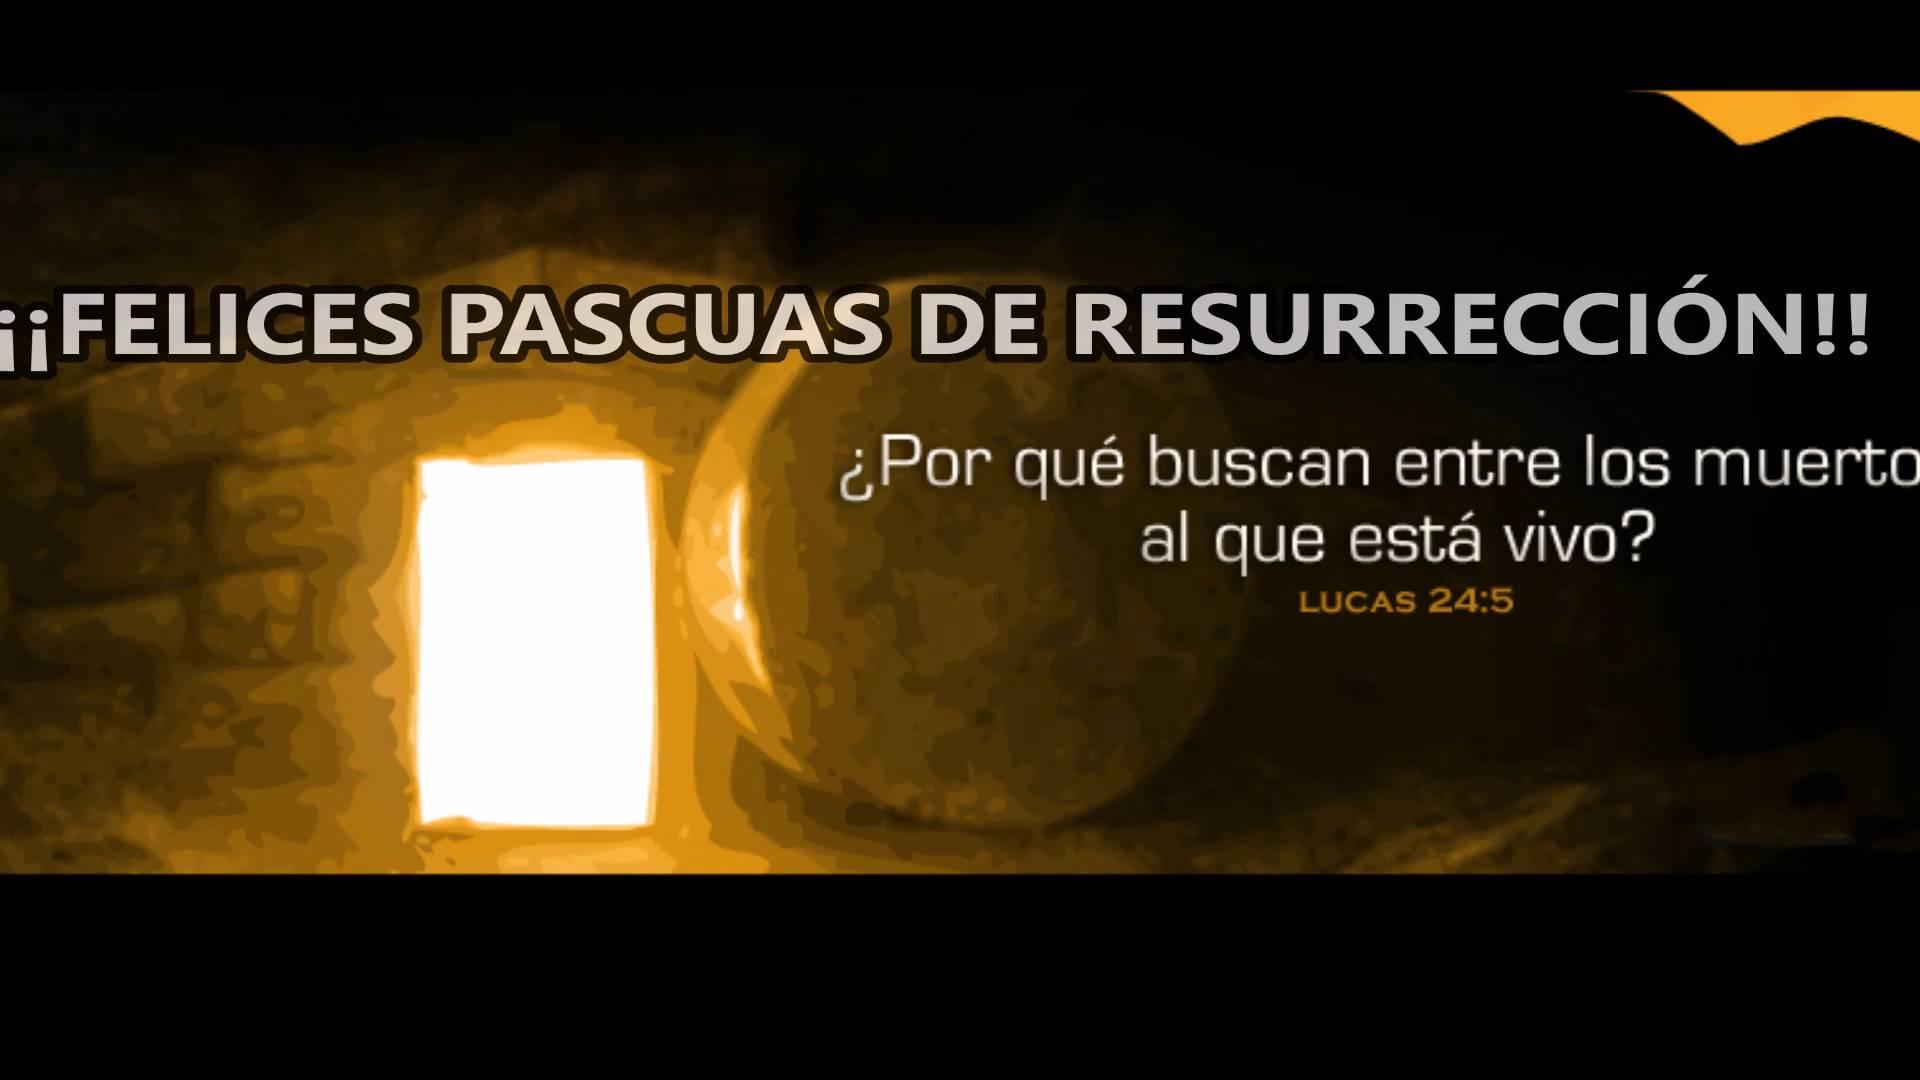 Reflexión De La Mañana Feliz Pascua De Resurrección